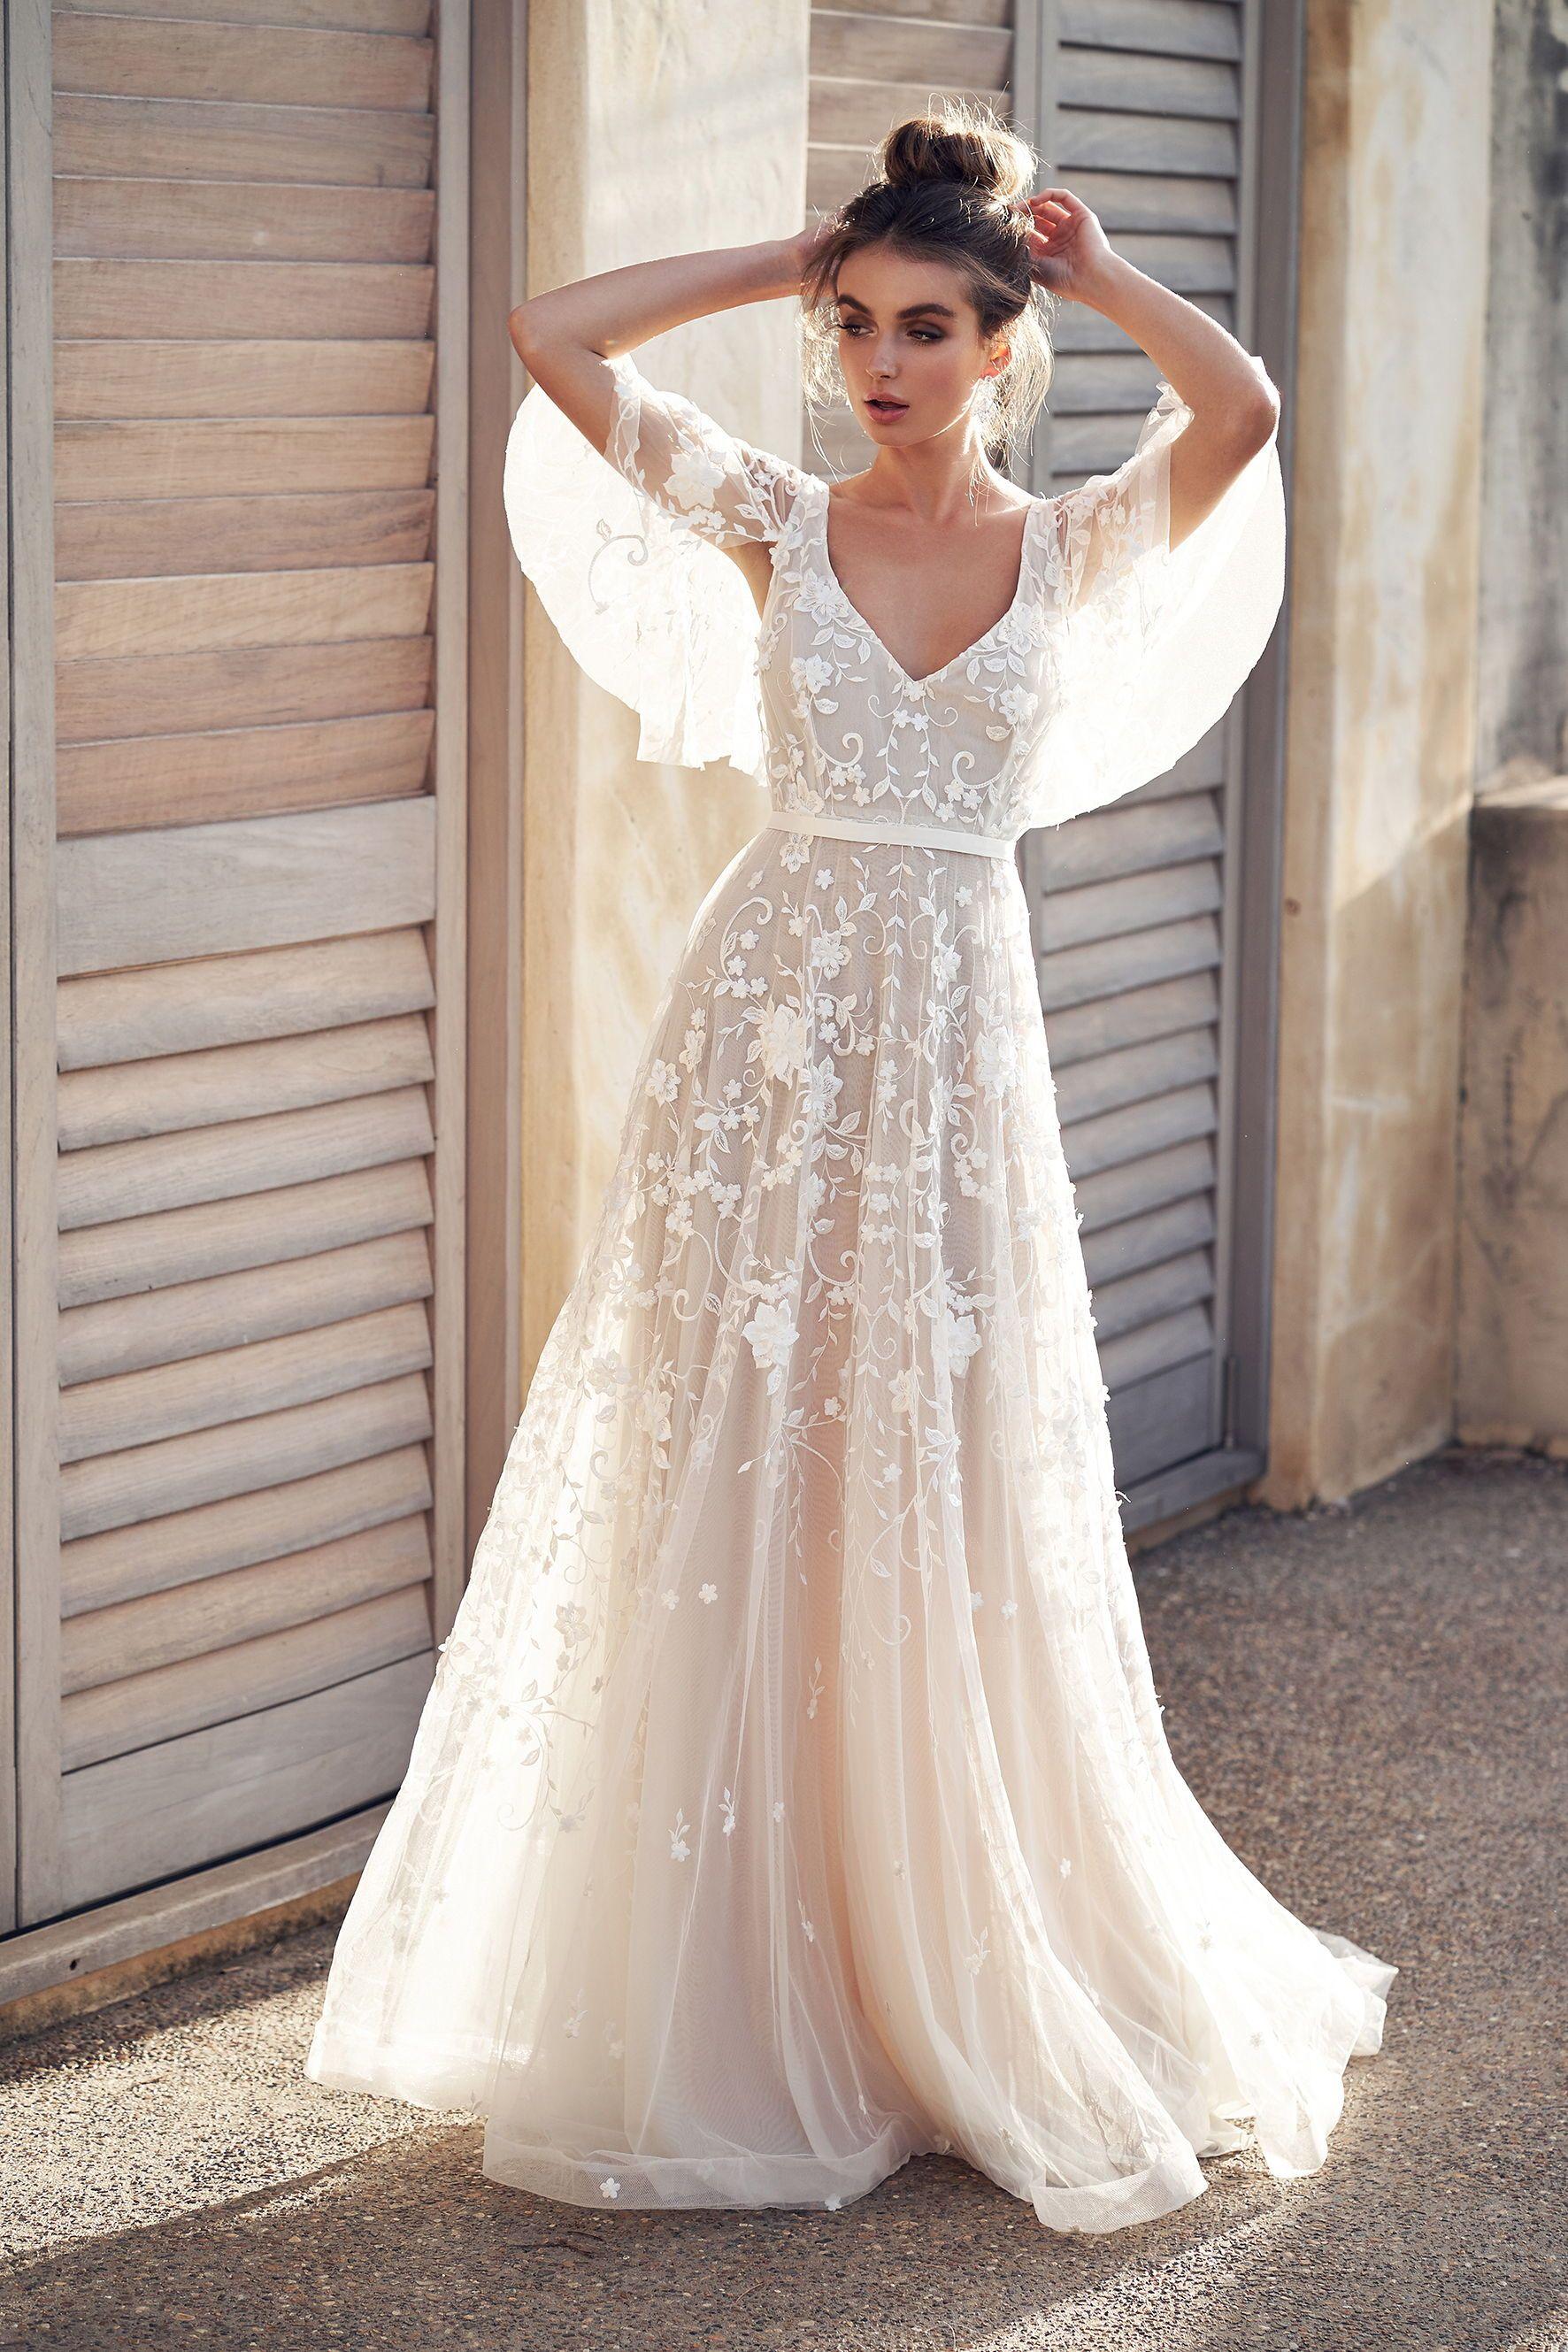 Anna Campbell Wanderlust Anna Campbell Wedding Dress Wedding Dresses Backless Lace Wedding Dress